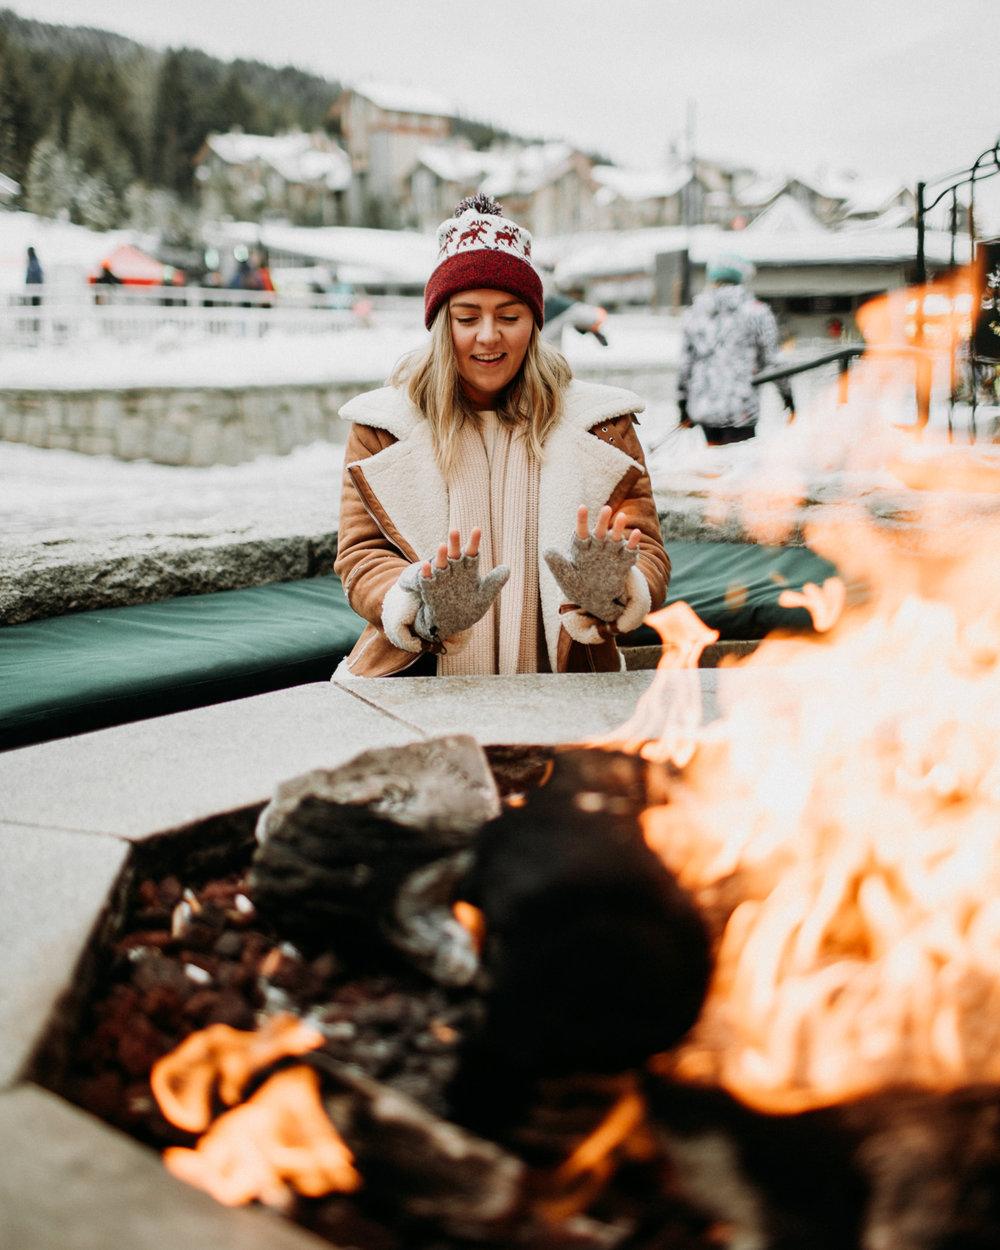 Sitting around a fire in Whistler Village